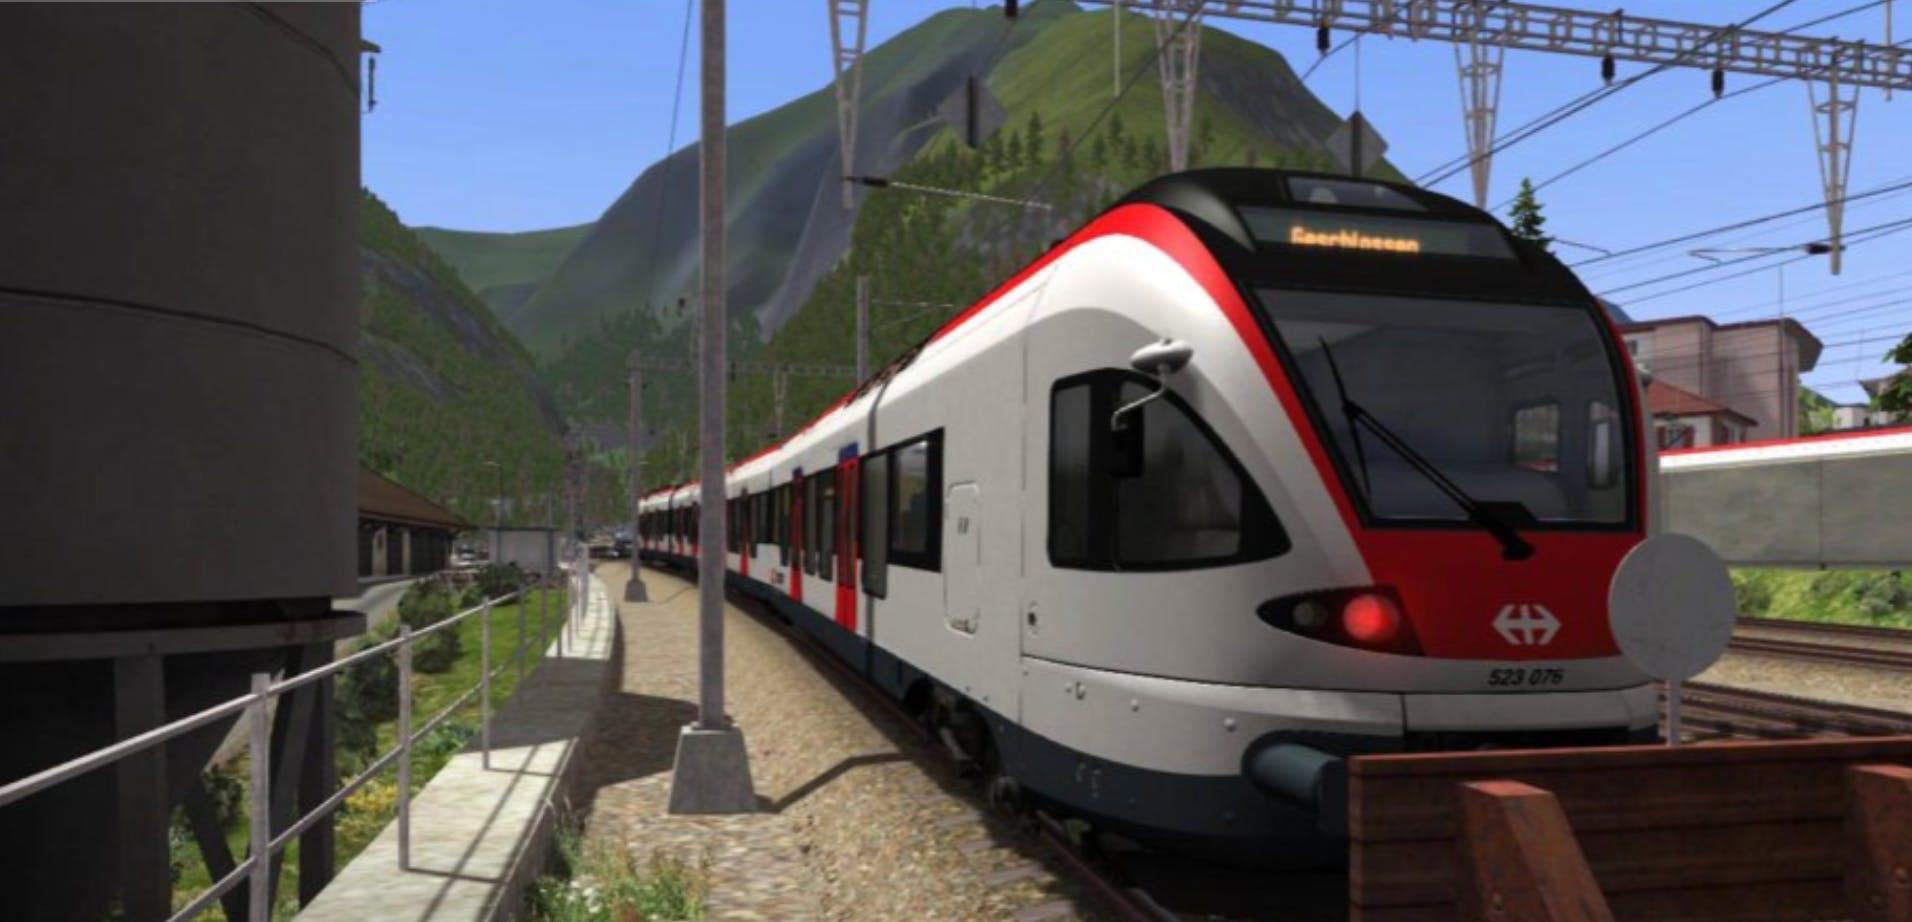 Rivet Games' Train Simulator